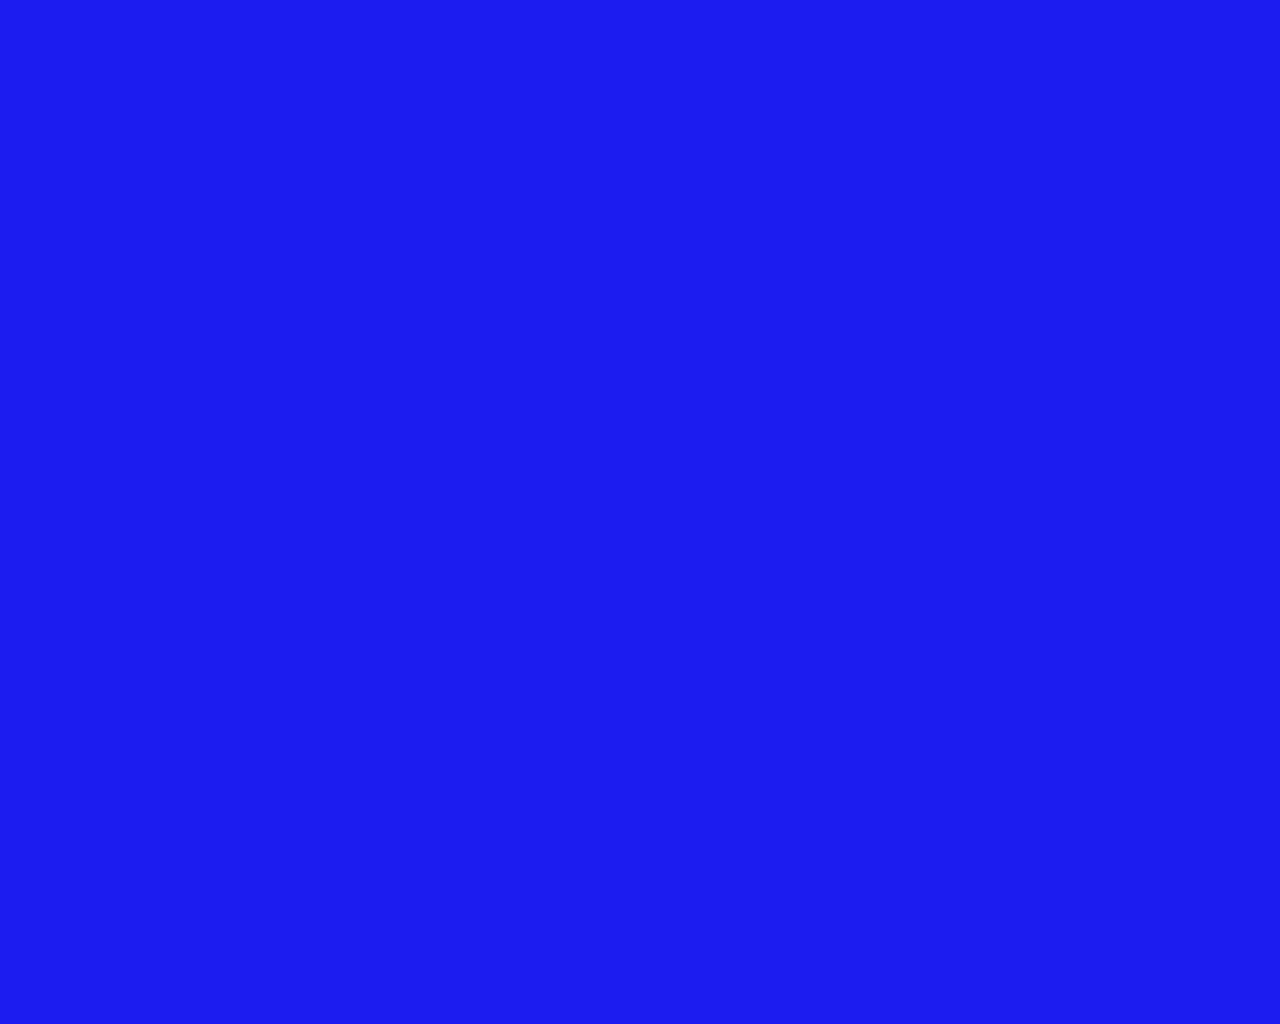 1280x1024 Bluebonnet Solid Color Background